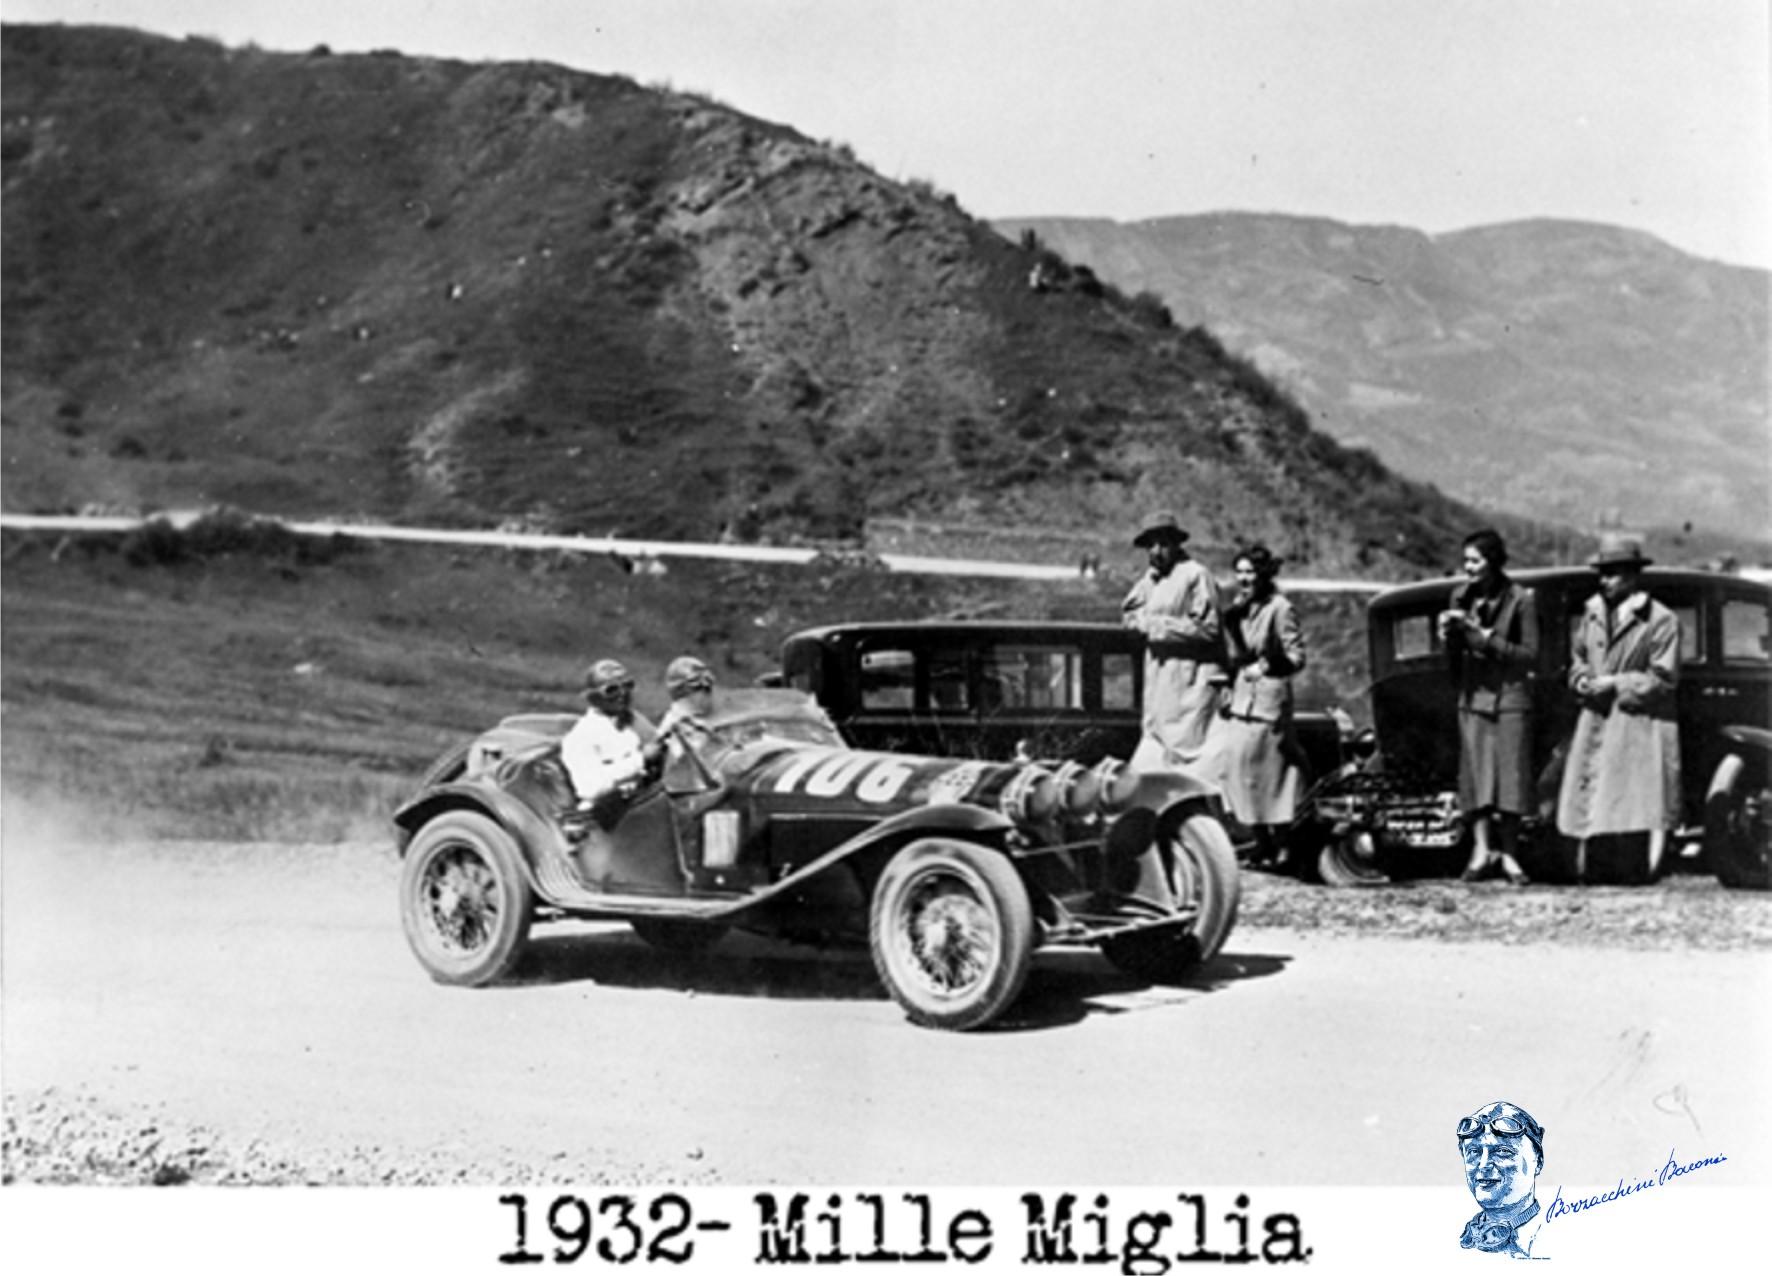 1932 Mille Miglia AR 8c2300 1